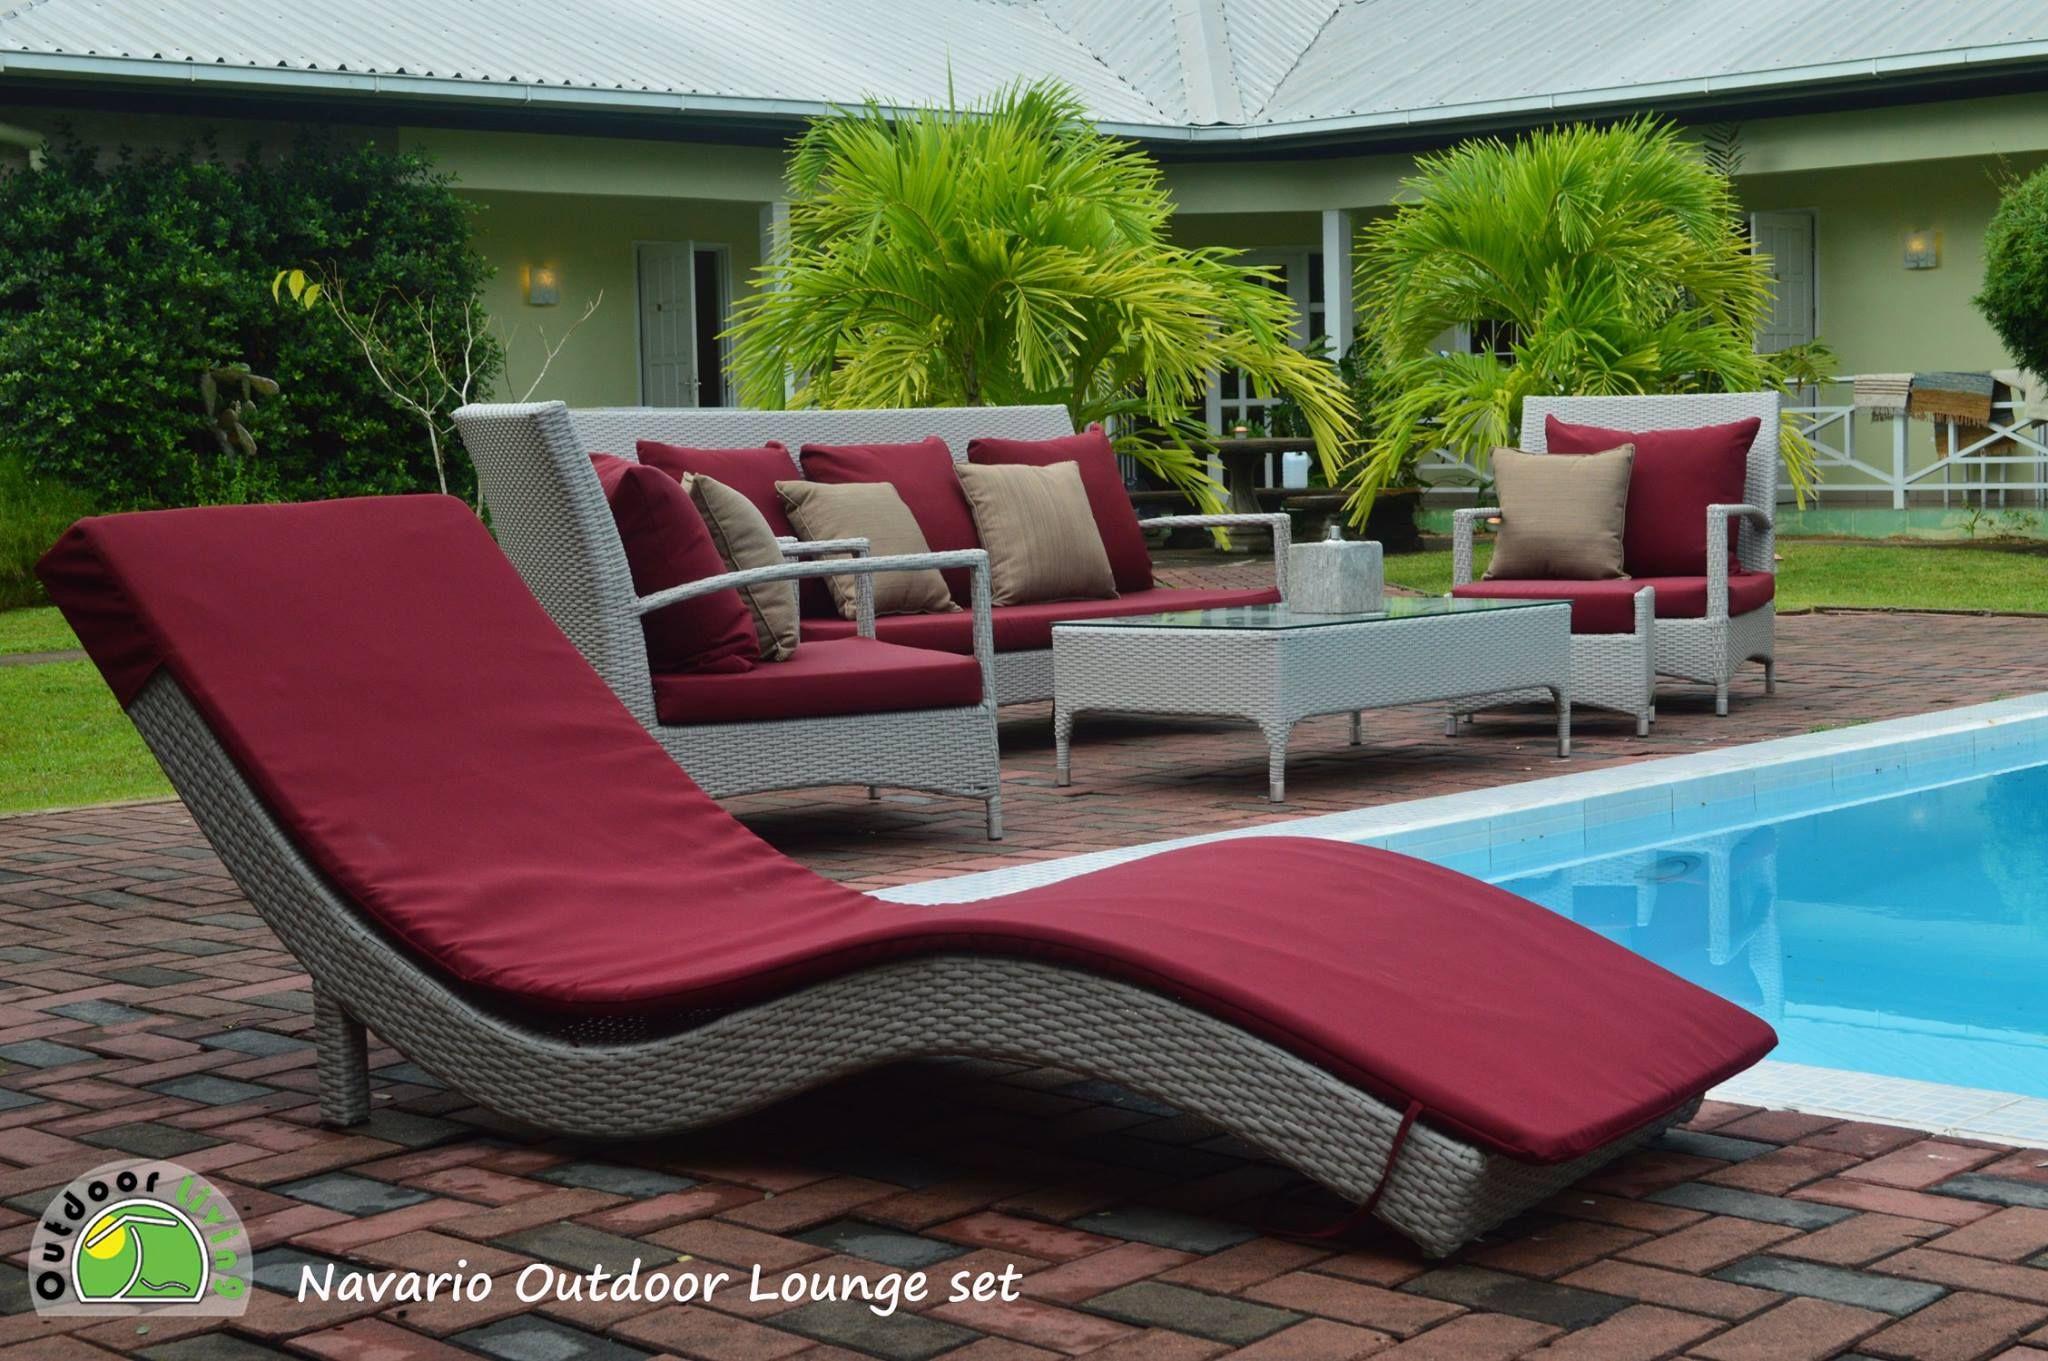 Navario outdoor lounge setting verkrijgbaar in de kleuren grijs met